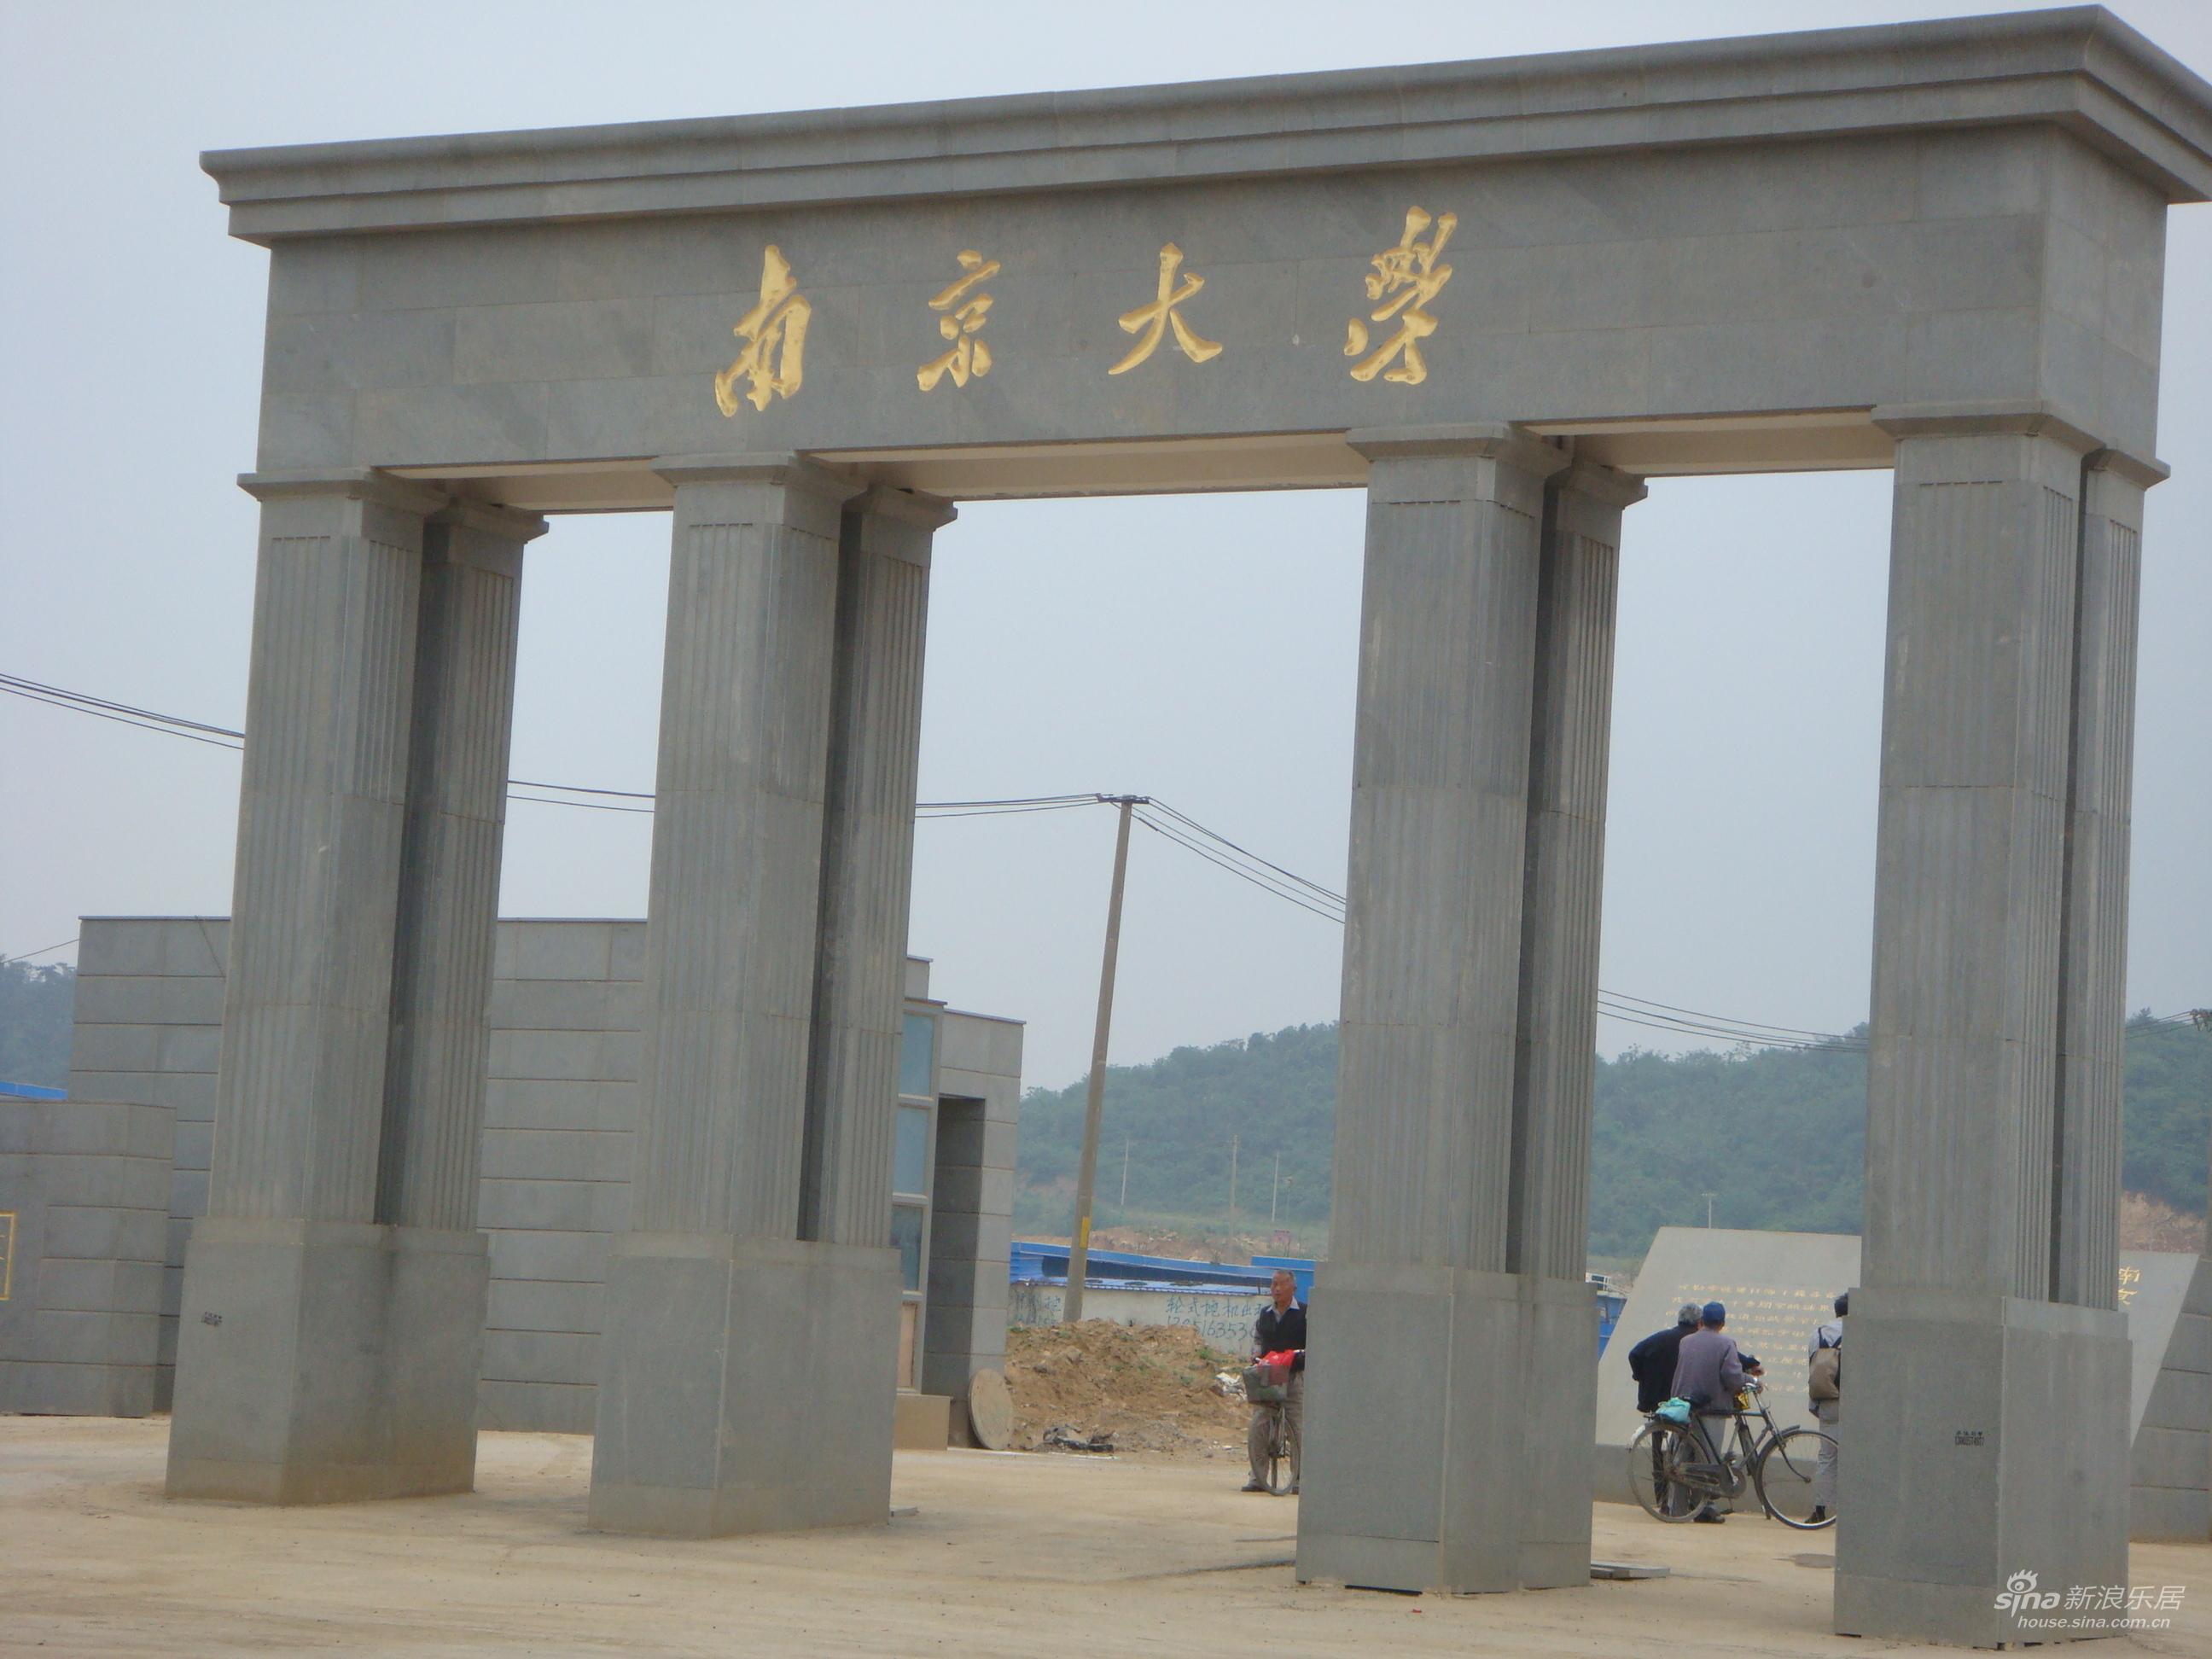 南京大学研究生院简介-龙图法律南京大学校园服务站